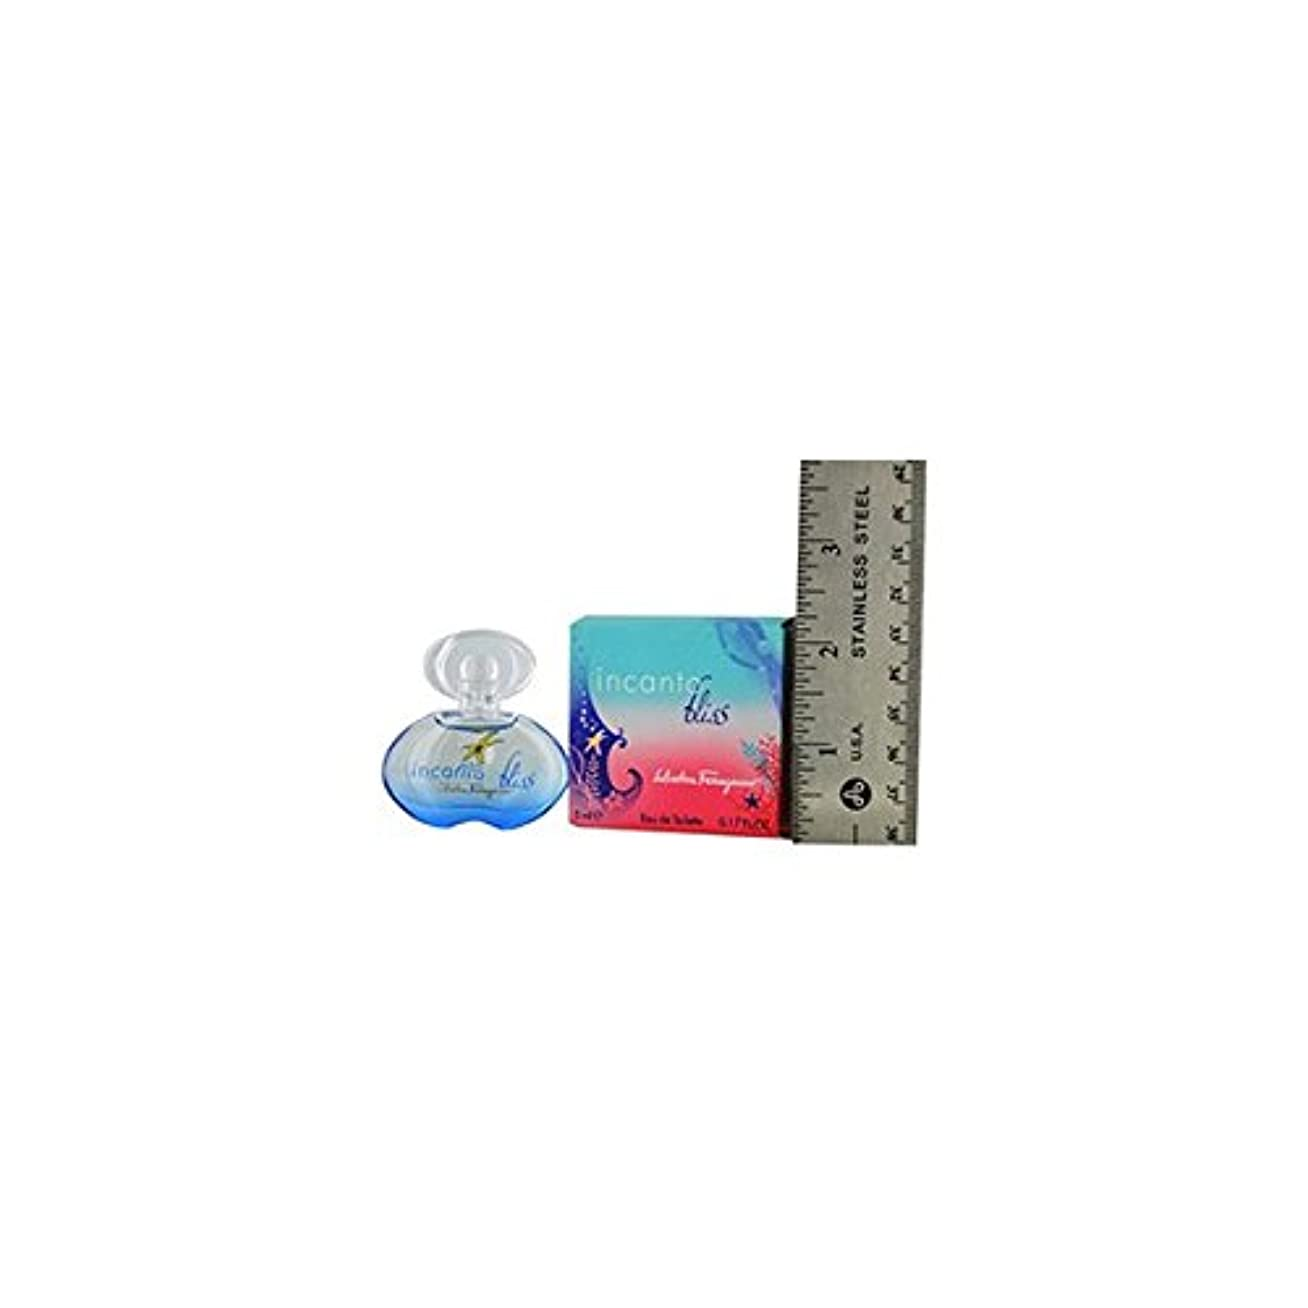 のど観察する満たす【ミニ香水】サルバドール フェラガモ インカント ブリス 5ml EDT